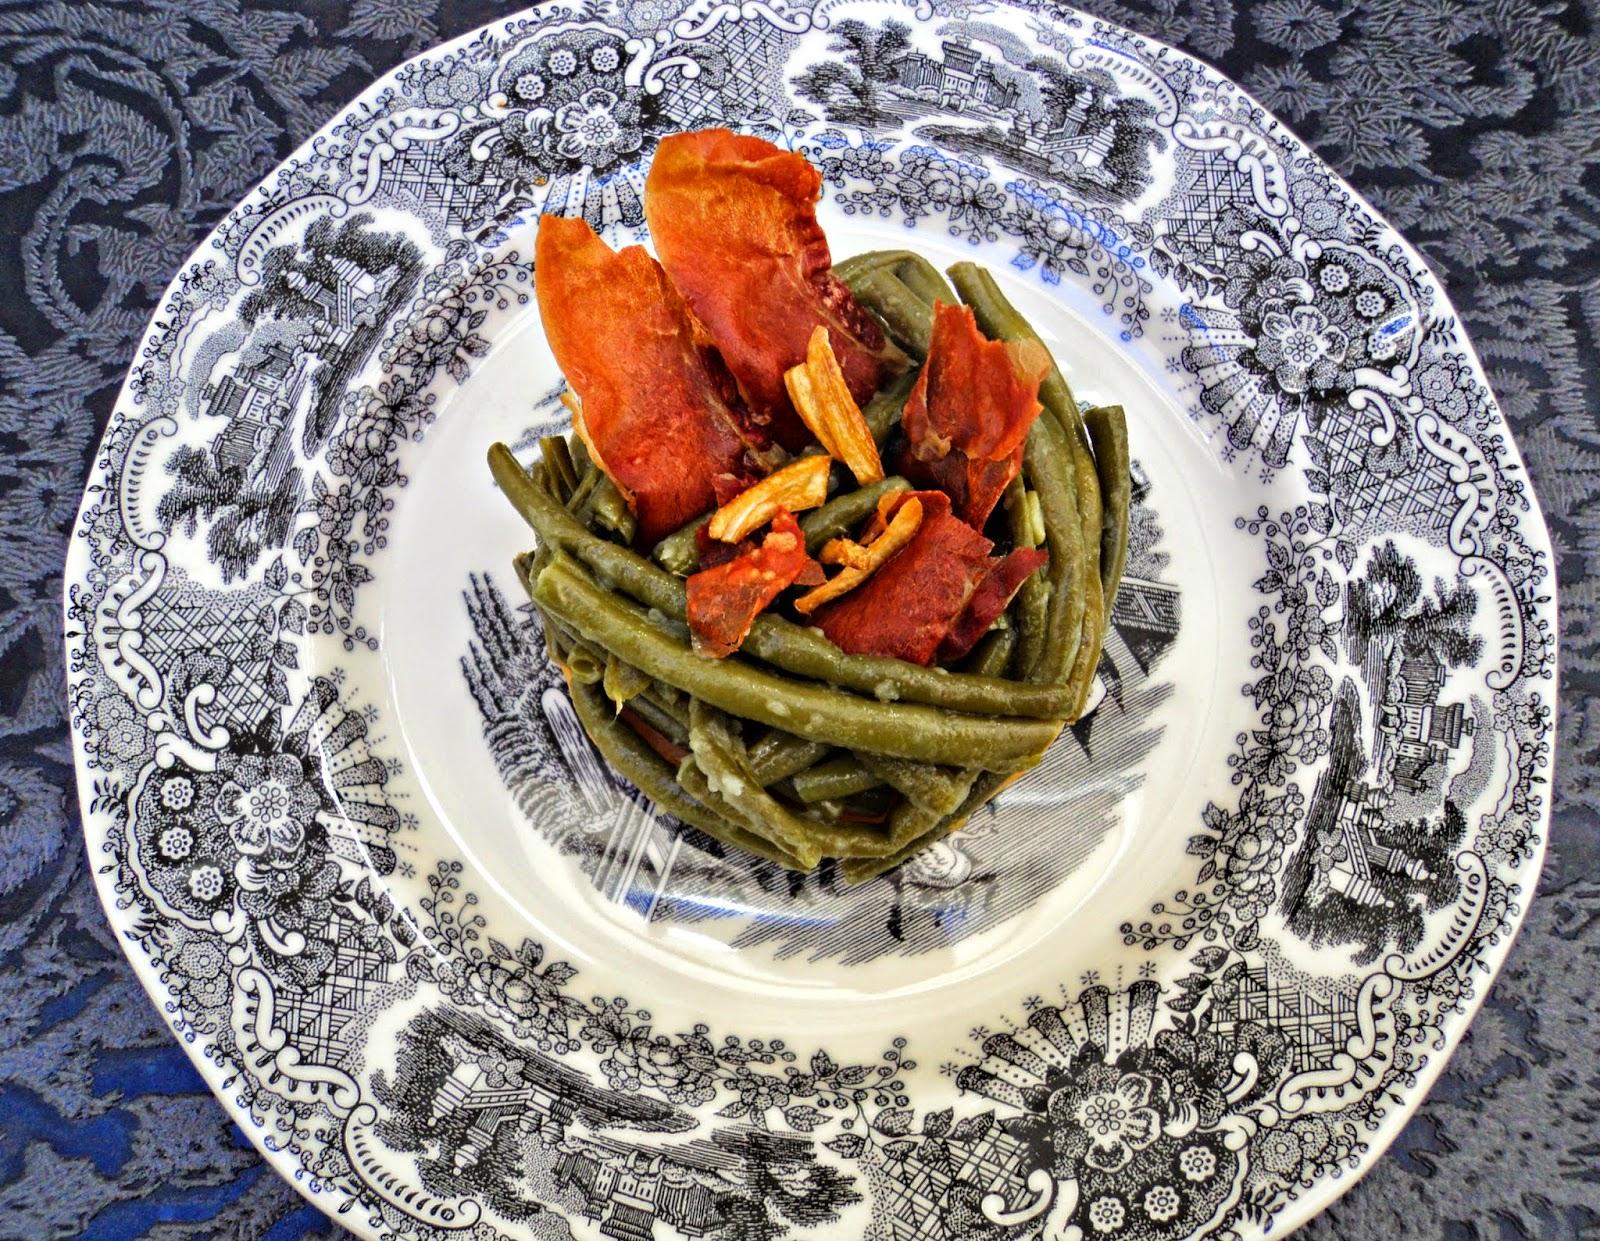 ensalada-templada-judias-verdes-pimenton-arrriba